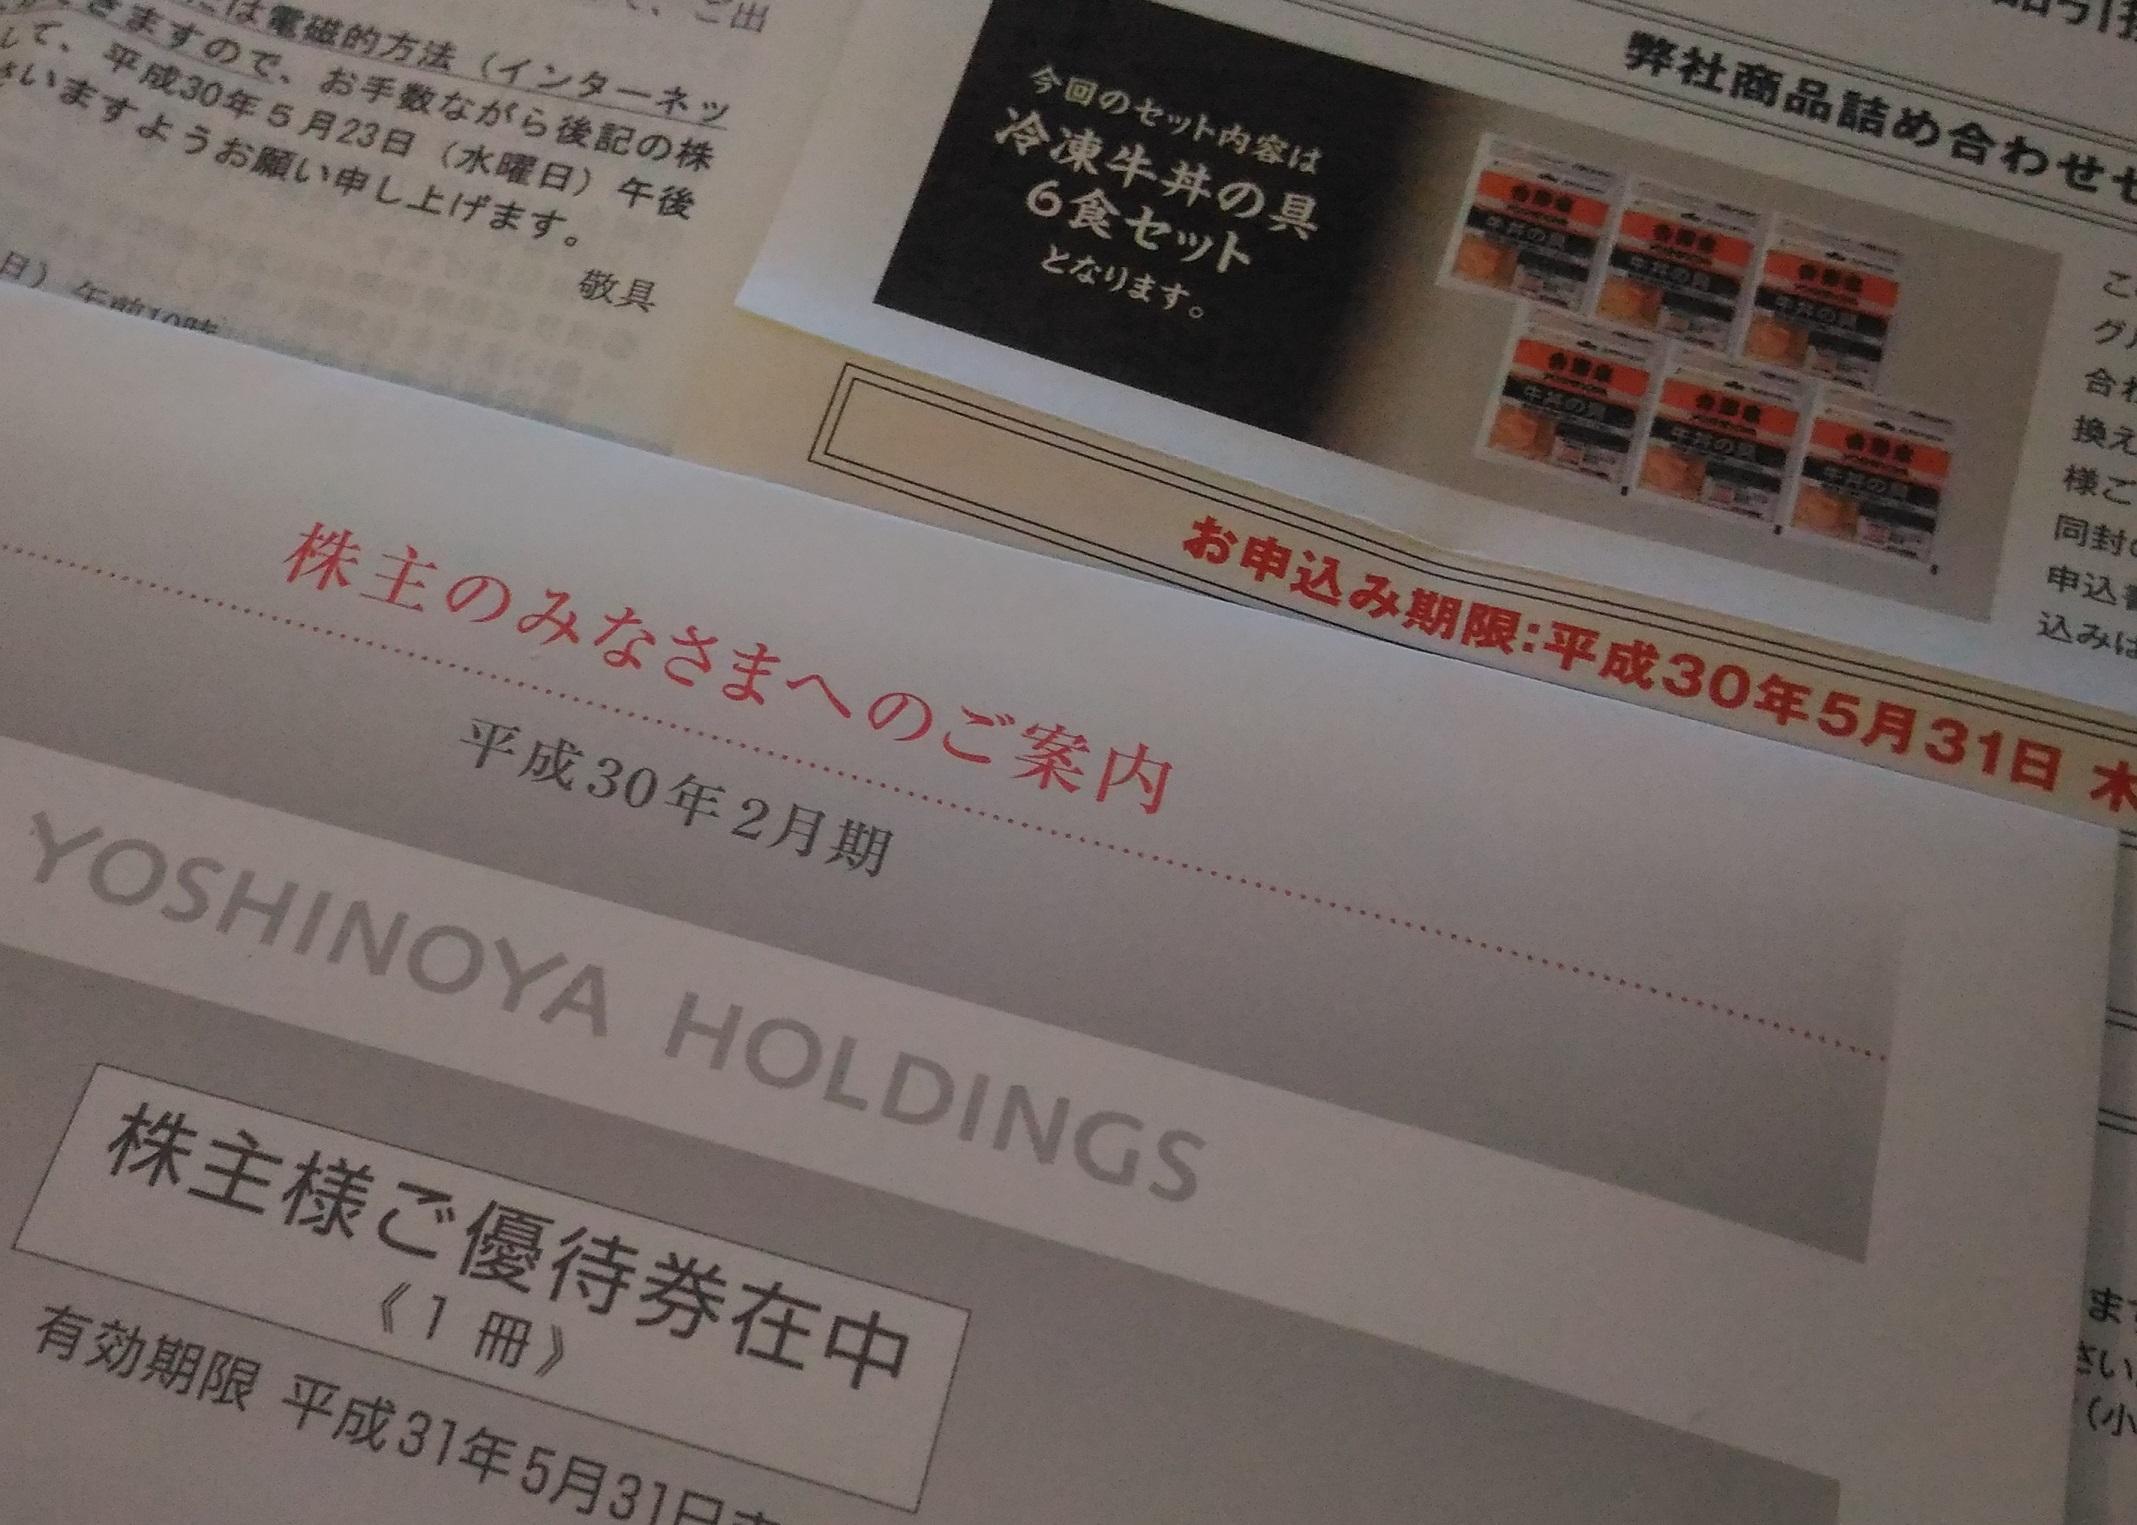 yoshinoya_haito2019_1.jpg